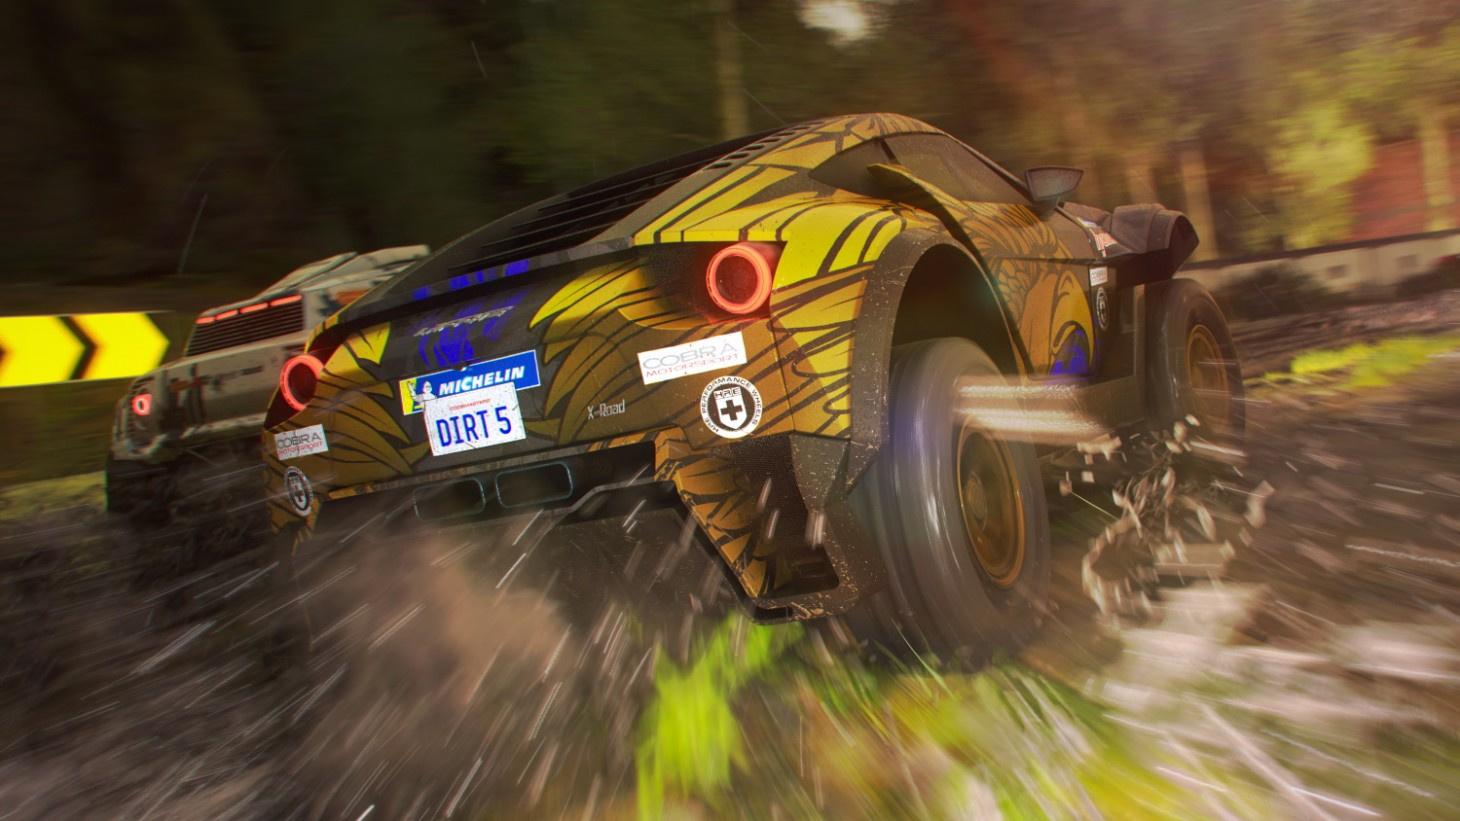 Графику DIRT5 на Xbox Series X исправили — теперь гонка выглядит как и на PS5